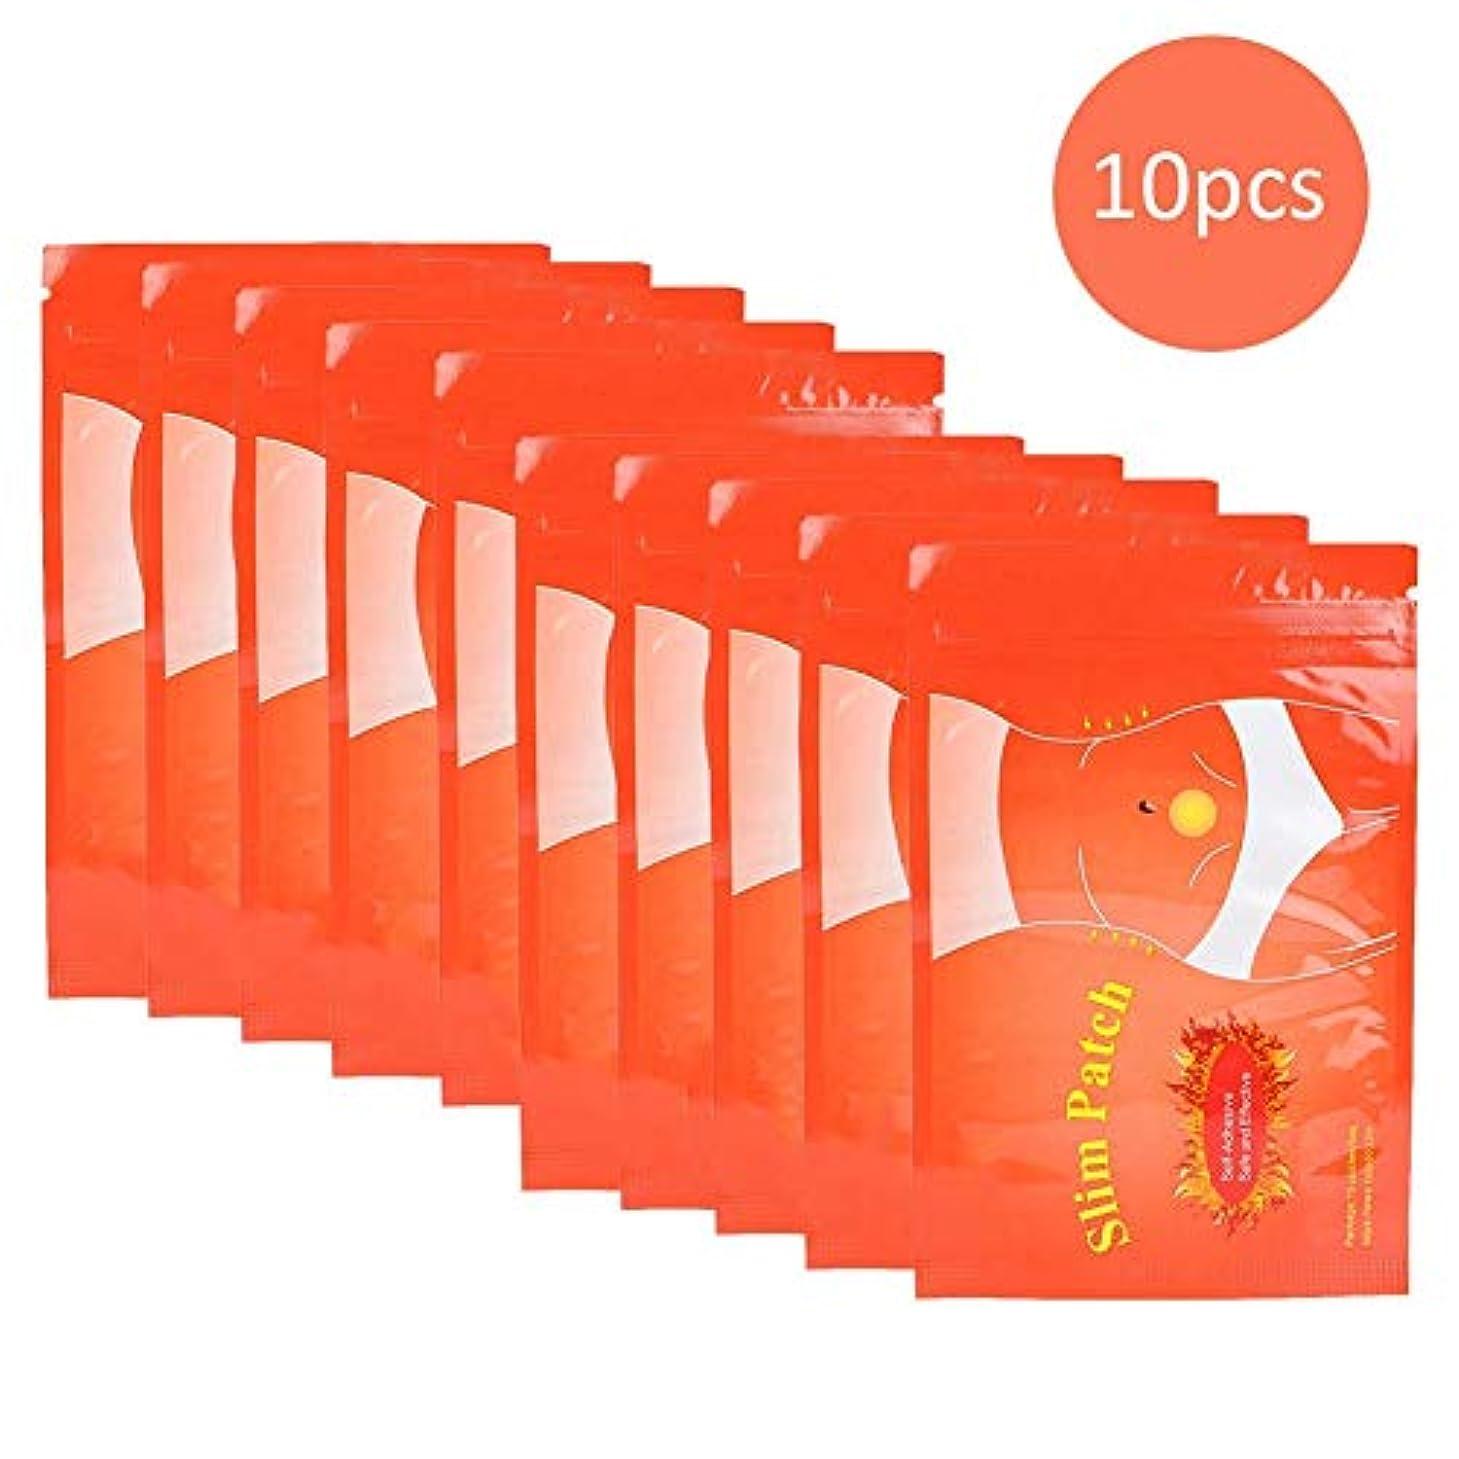 だます対処する風邪をひくNitrip ダイエットシール ダイエットパッチ 10pcs スリミングボディーパッチ 脂肪燃焼 男女兼用 無毒 安全